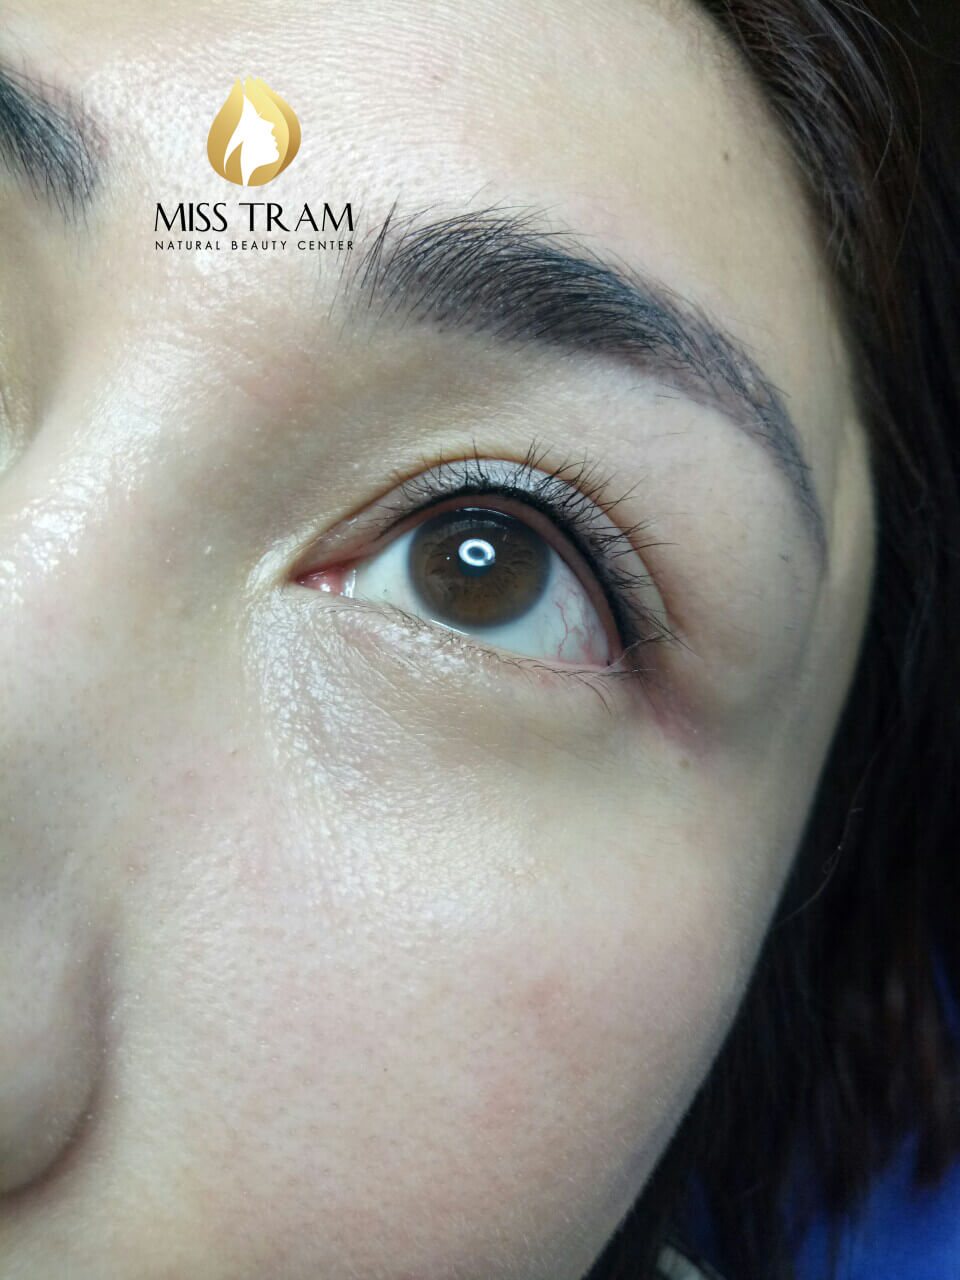 Phun mí mở tròng là sự nâng tầm của công nghệ phun xăm mí mắt truyền thống, giúp bạn có thêm lựa chọn tuyệt vời để làm đẹp.